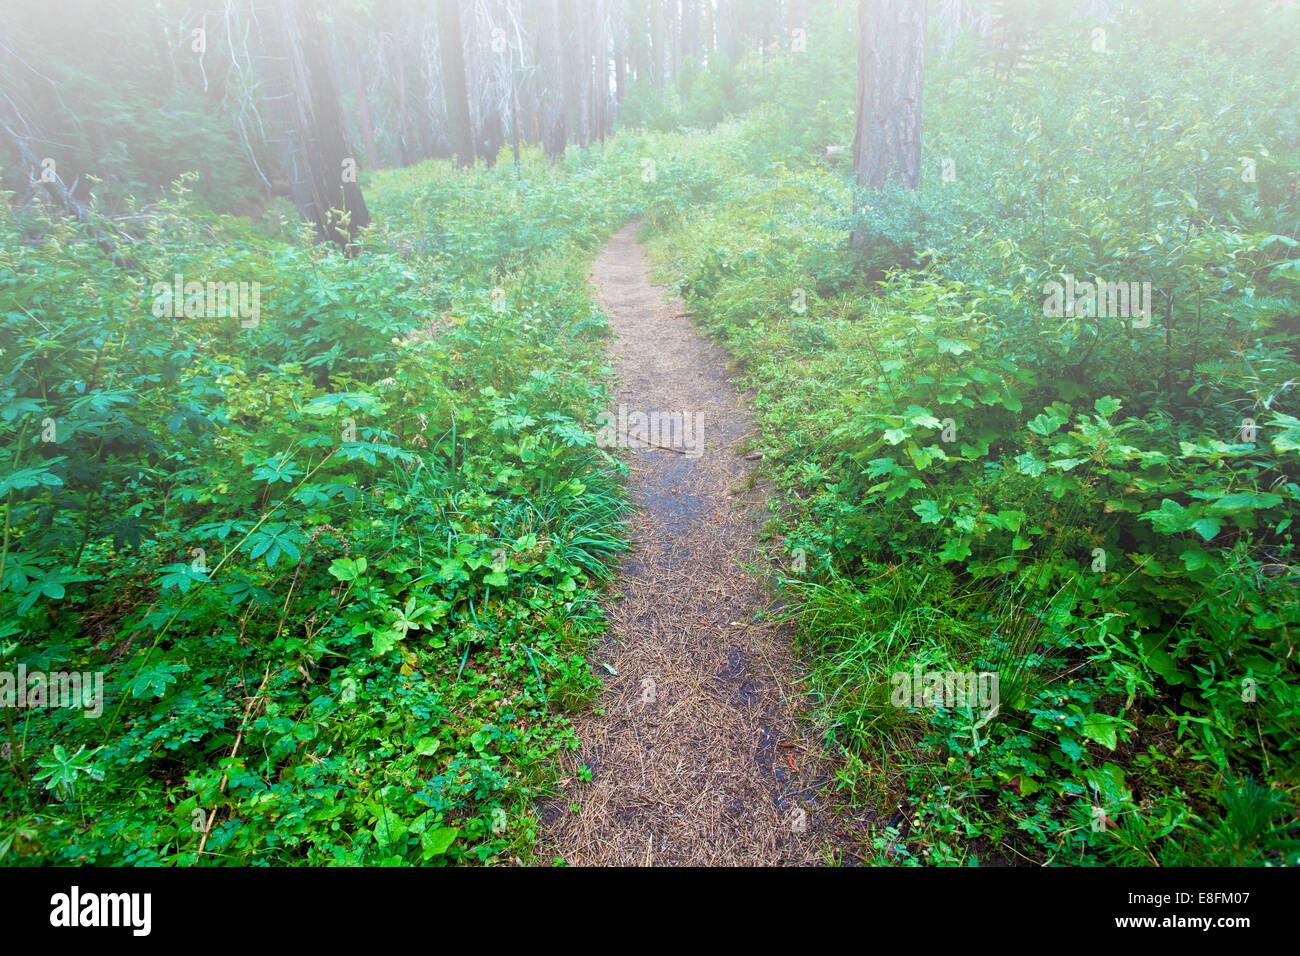 Vía a través de bosque nebuloso Imagen De Stock